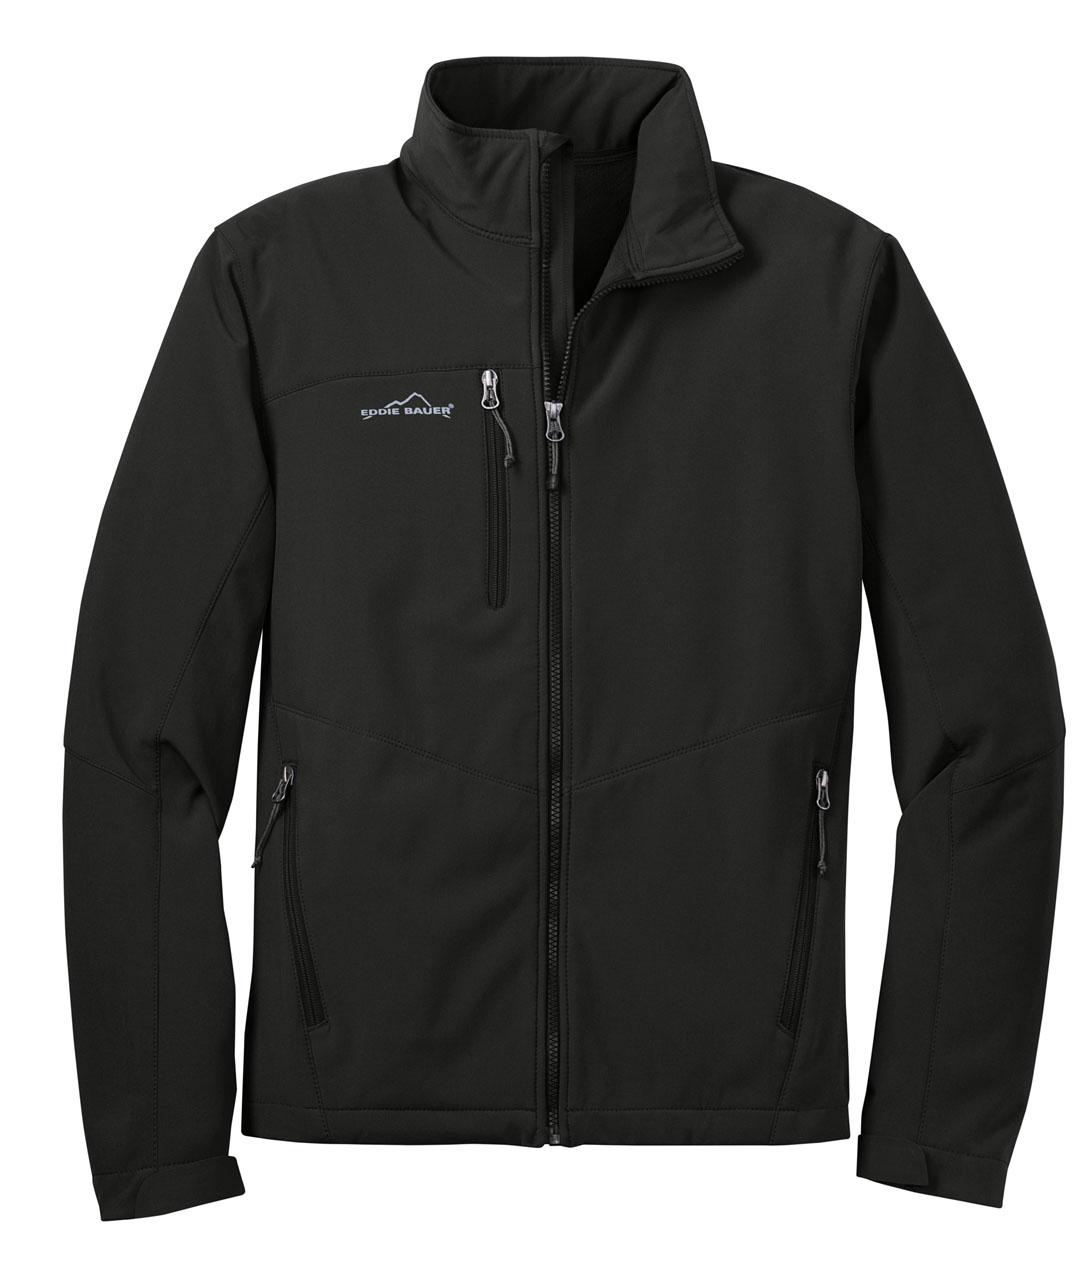 Picture of Eddie Bauer Full Zip Vertical Fleece Jacket